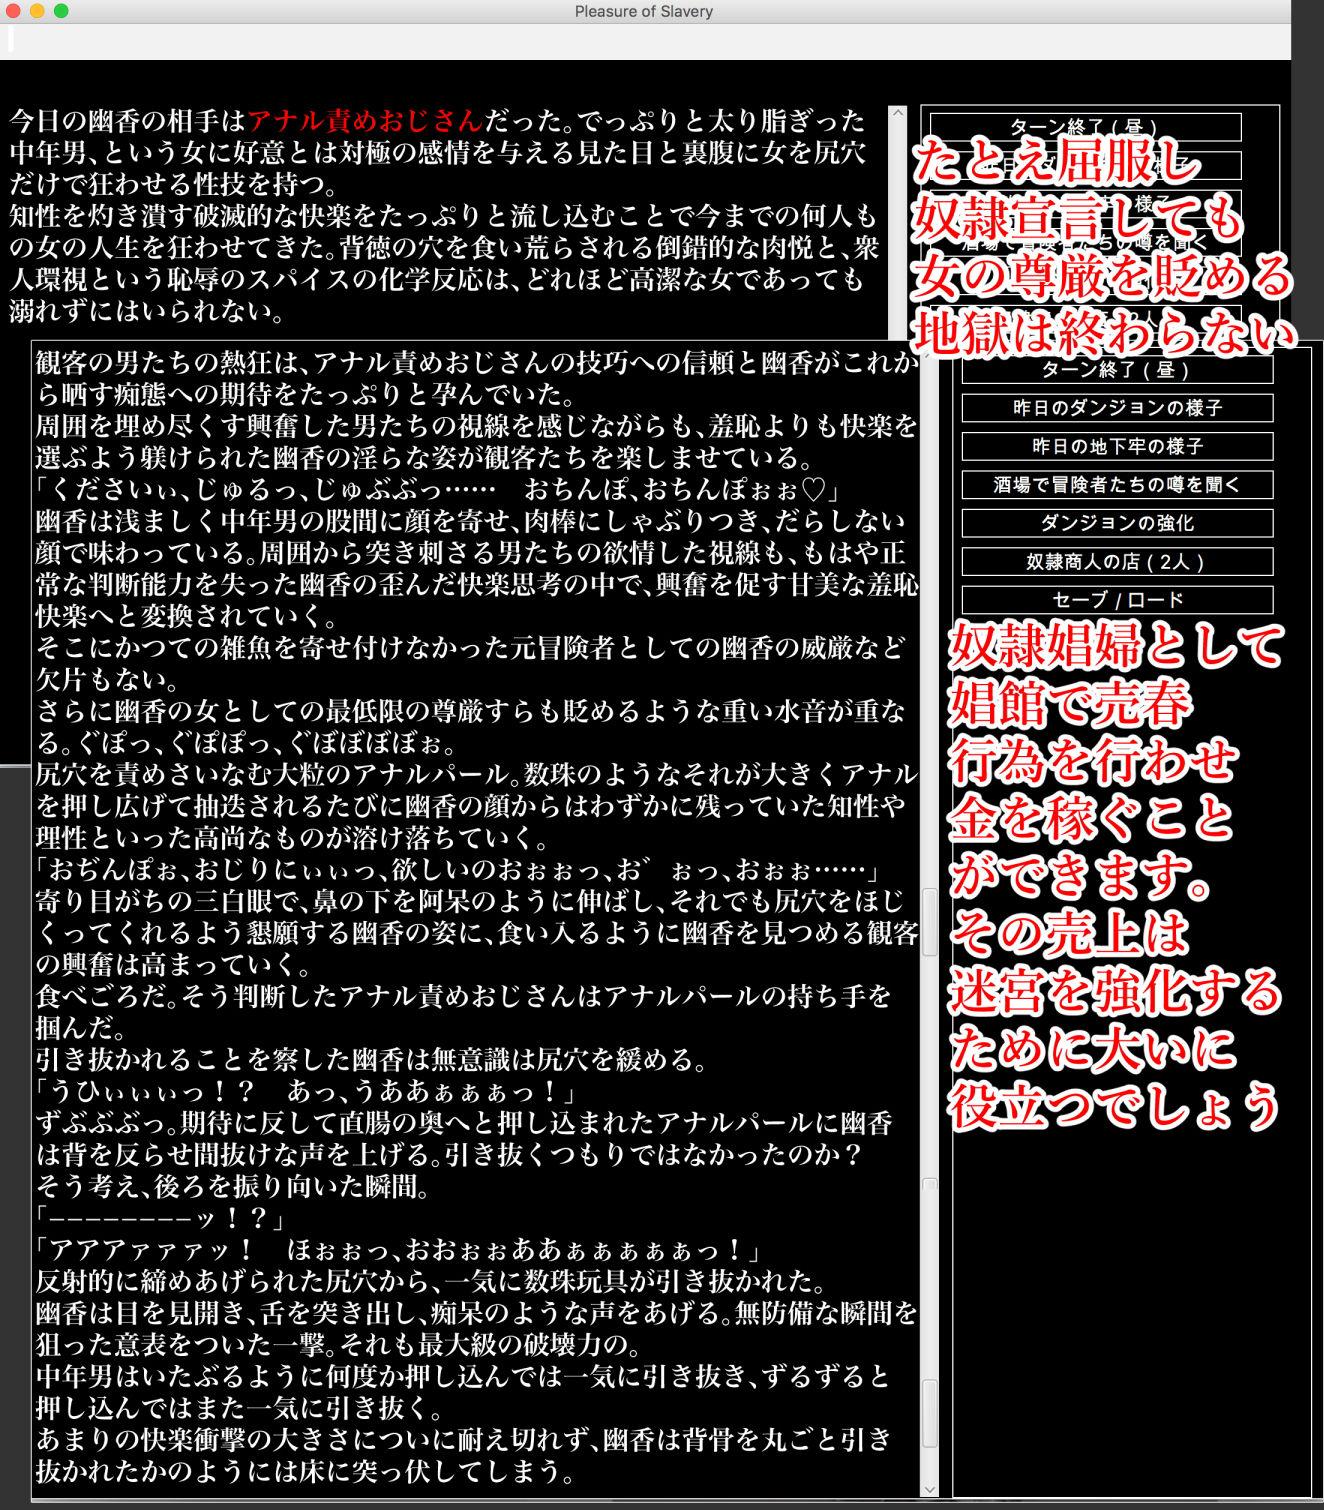 幻想異種姦陵辱迷宮Vol.2